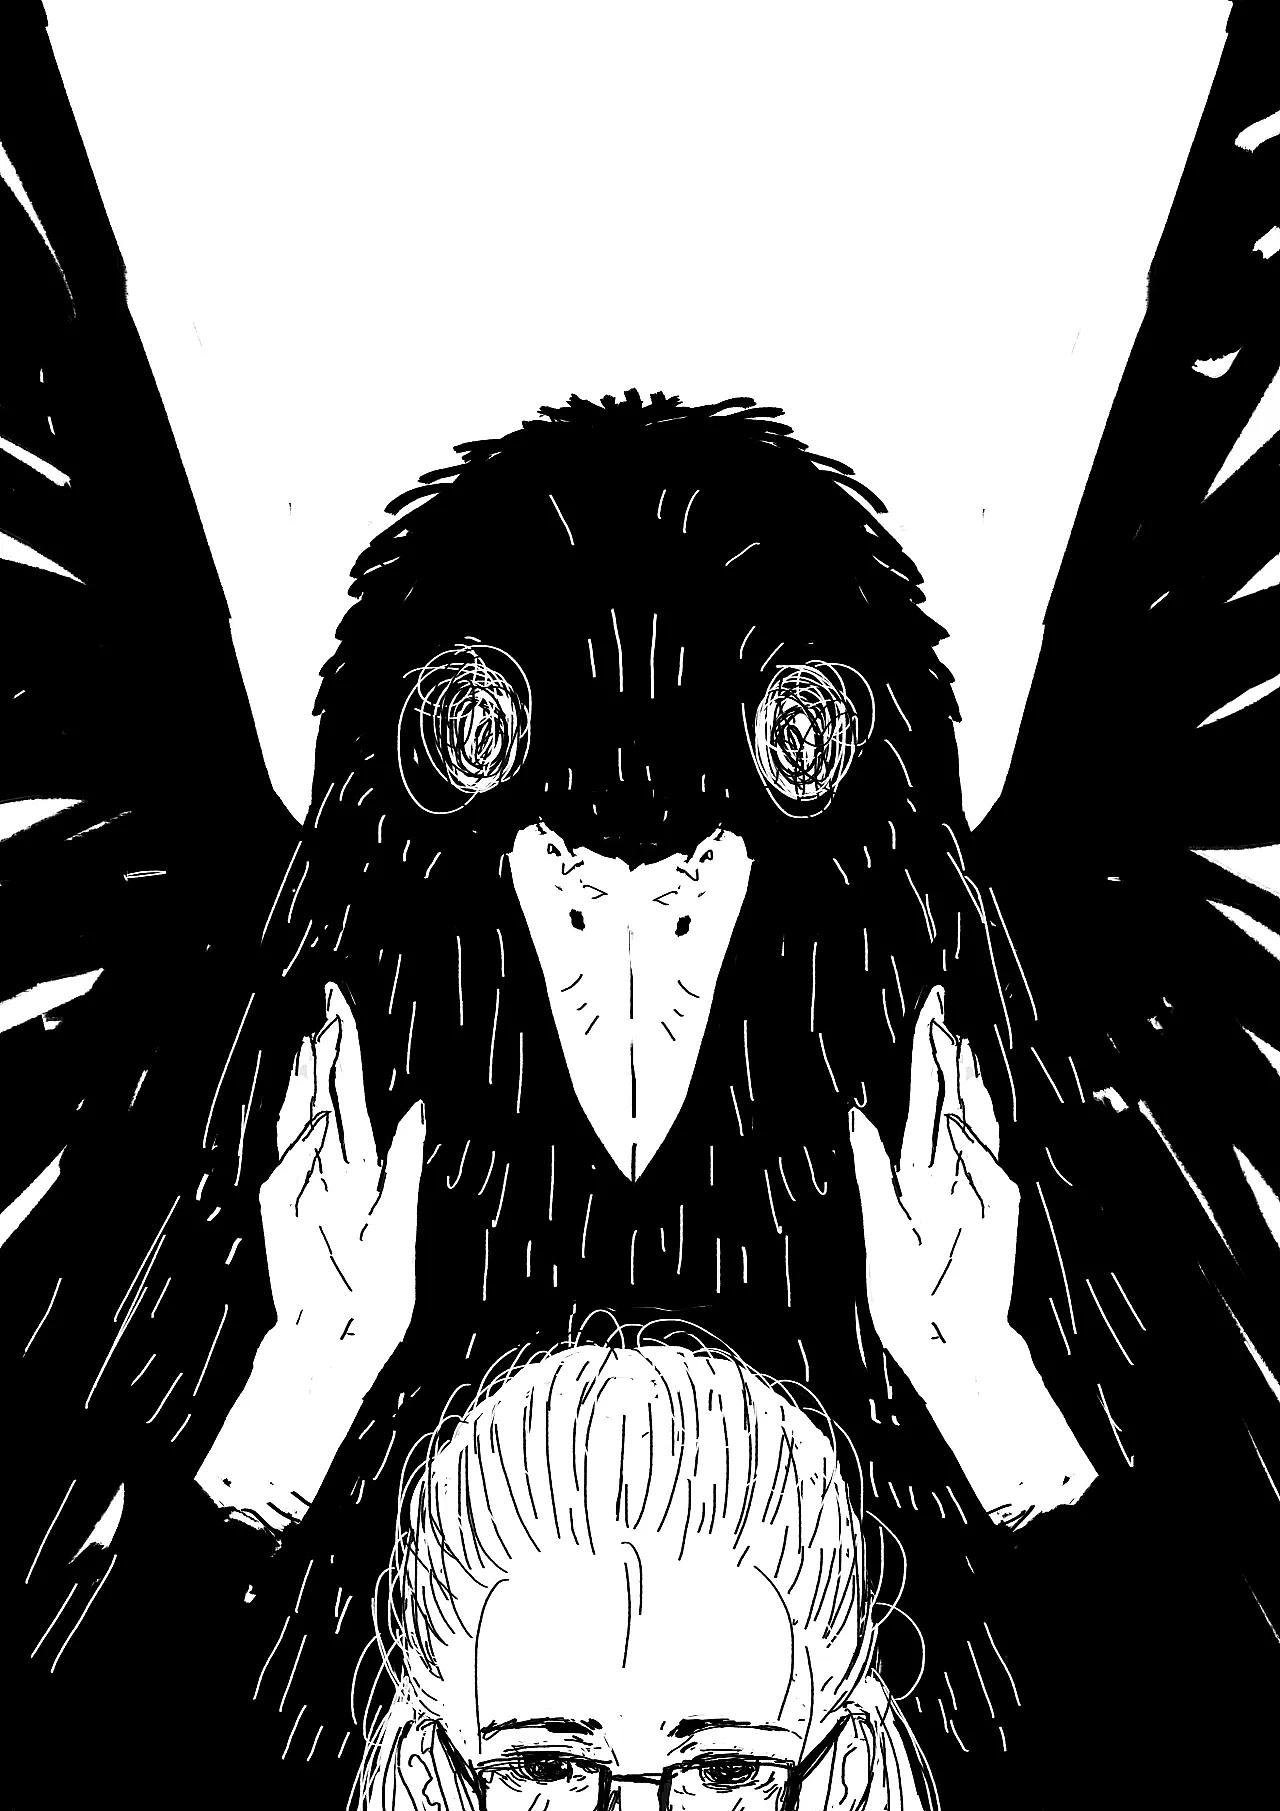 【咻亚博网】诚意邀请你进入抑郁的世界 (手绘风格MG亚博网)